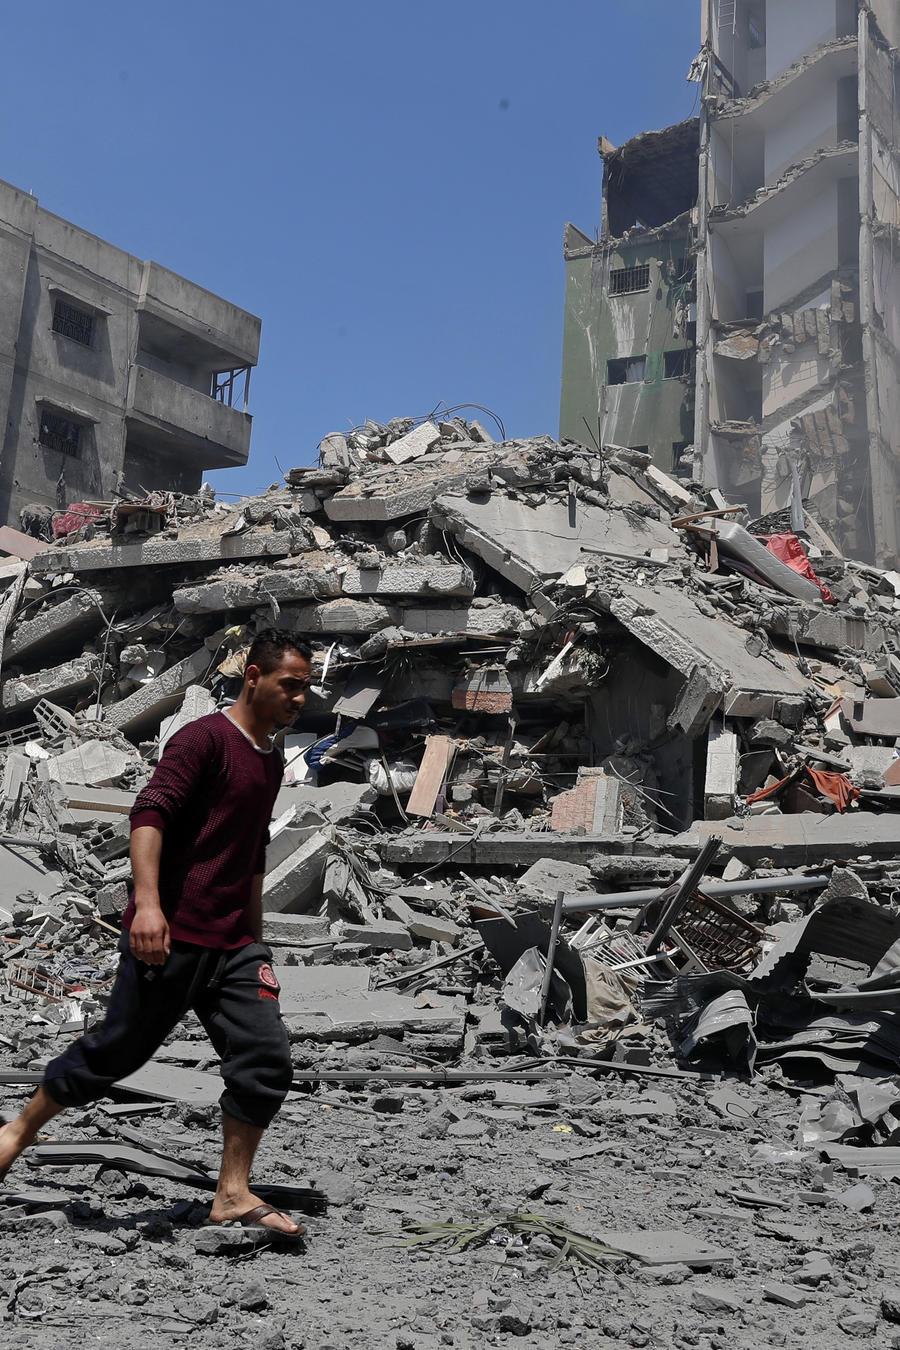 Un hombre camina junto a los escombros del edificio residencial Yazegi, que fue destruido por un ataque aéreo israelí en la ciudad de Gaza, el domingo 16 de mayo de 2021.